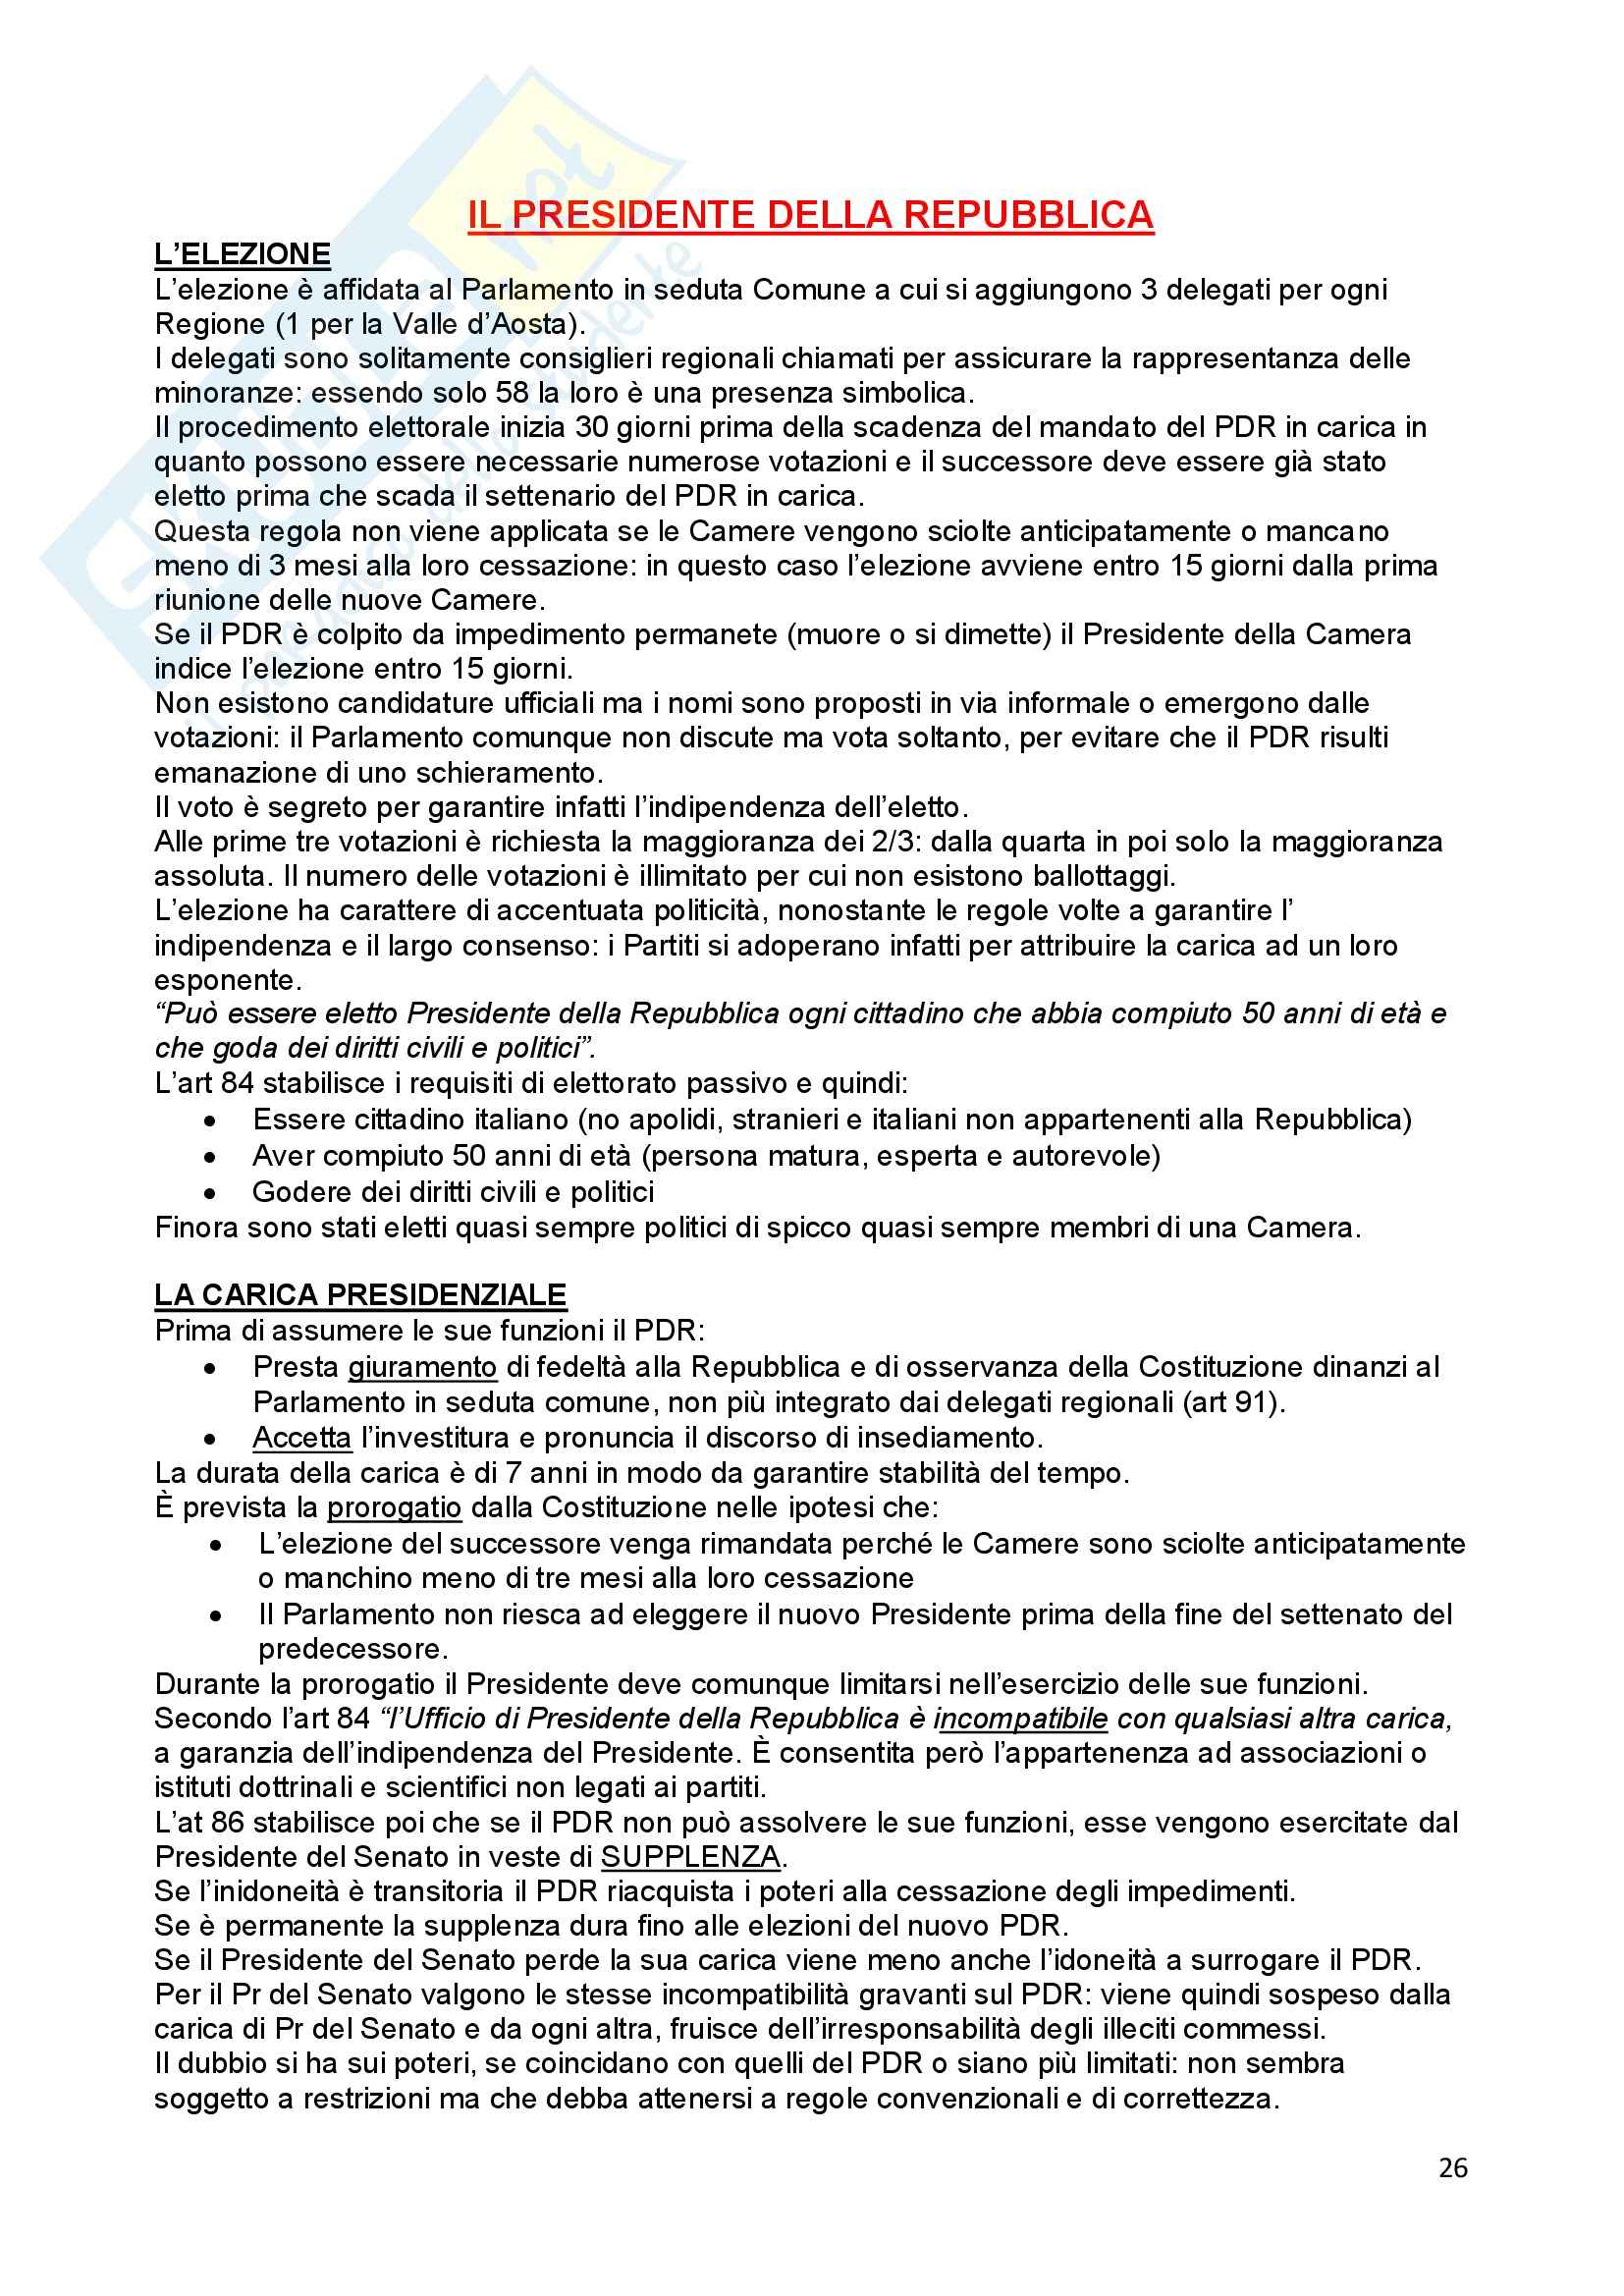 Riassunto esame Diritto Costituzionale, prof. Ferri, libro consigliato Compendio di Diritto Costituzionale,Onida e Pedrazza Gorlero Pag. 26